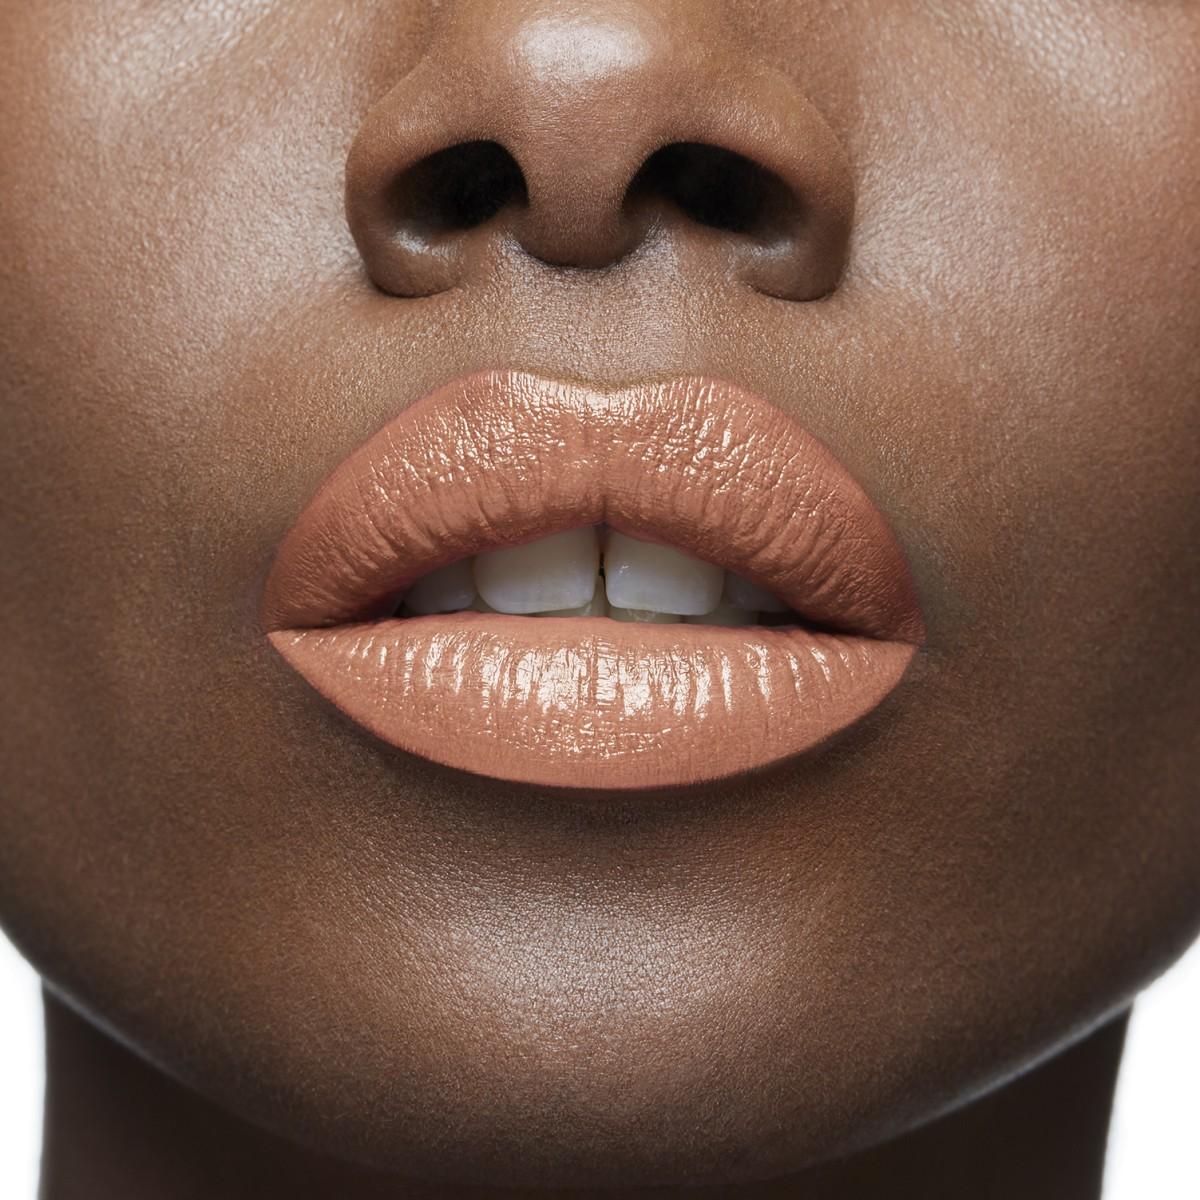 Beauty - Tutulle - Christian Louboutin